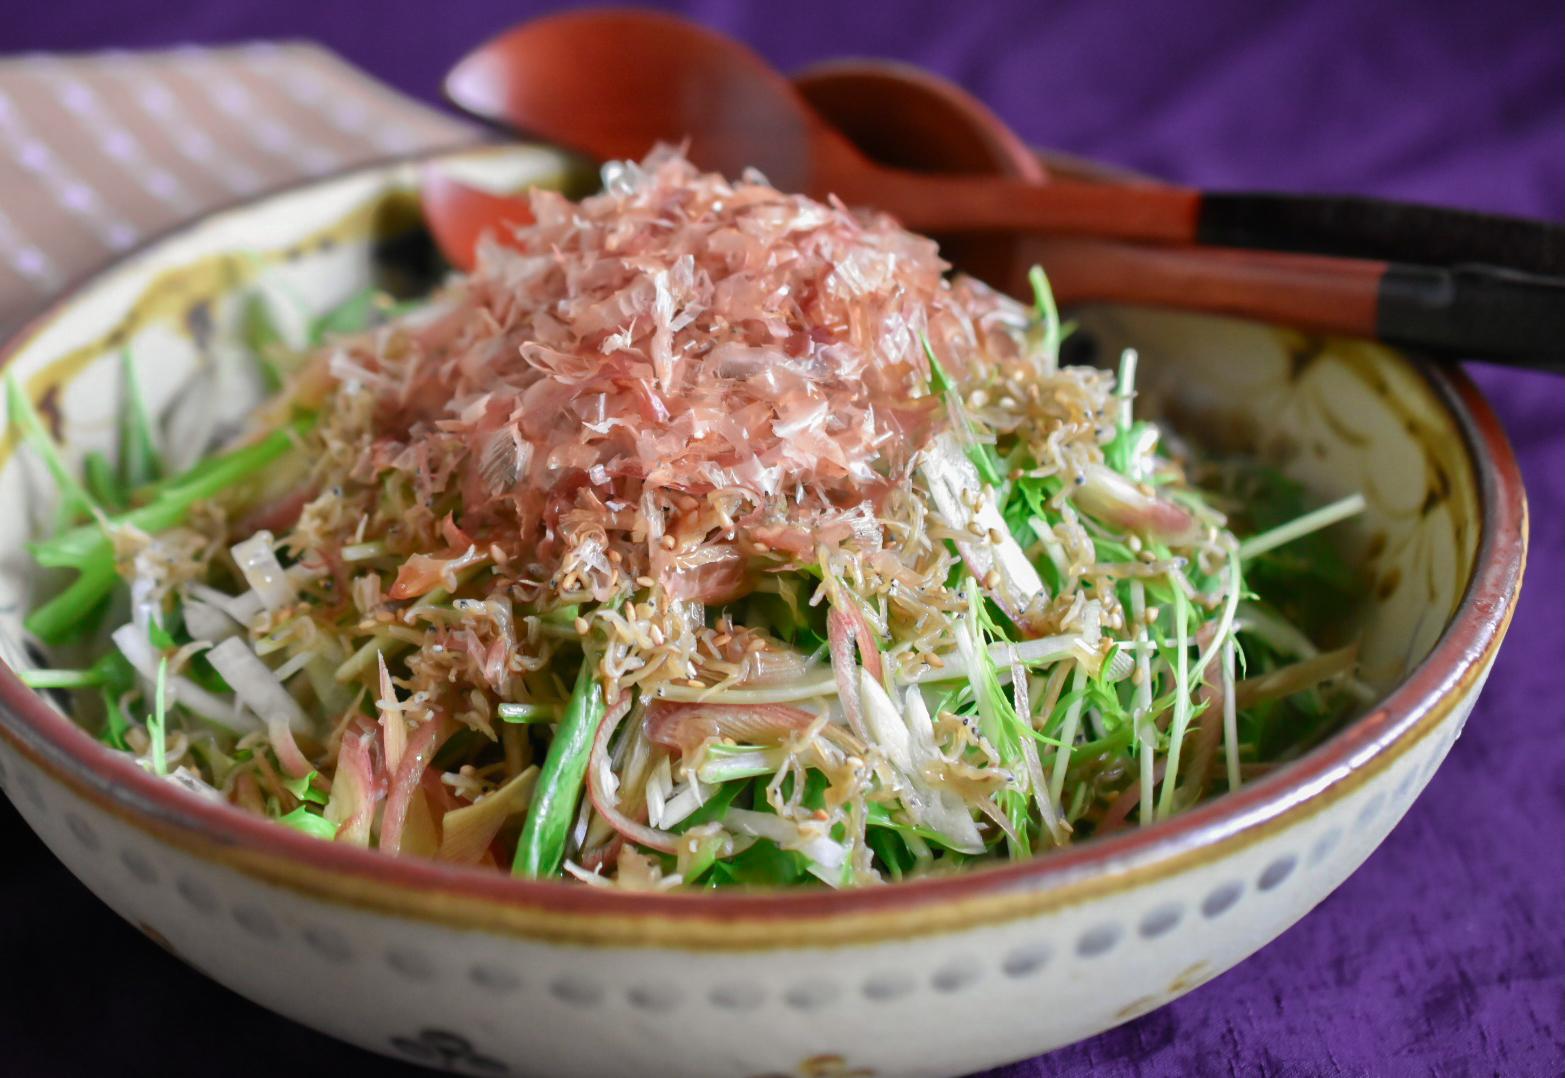 じゃこ山椒と水菜のはりはりサラダ